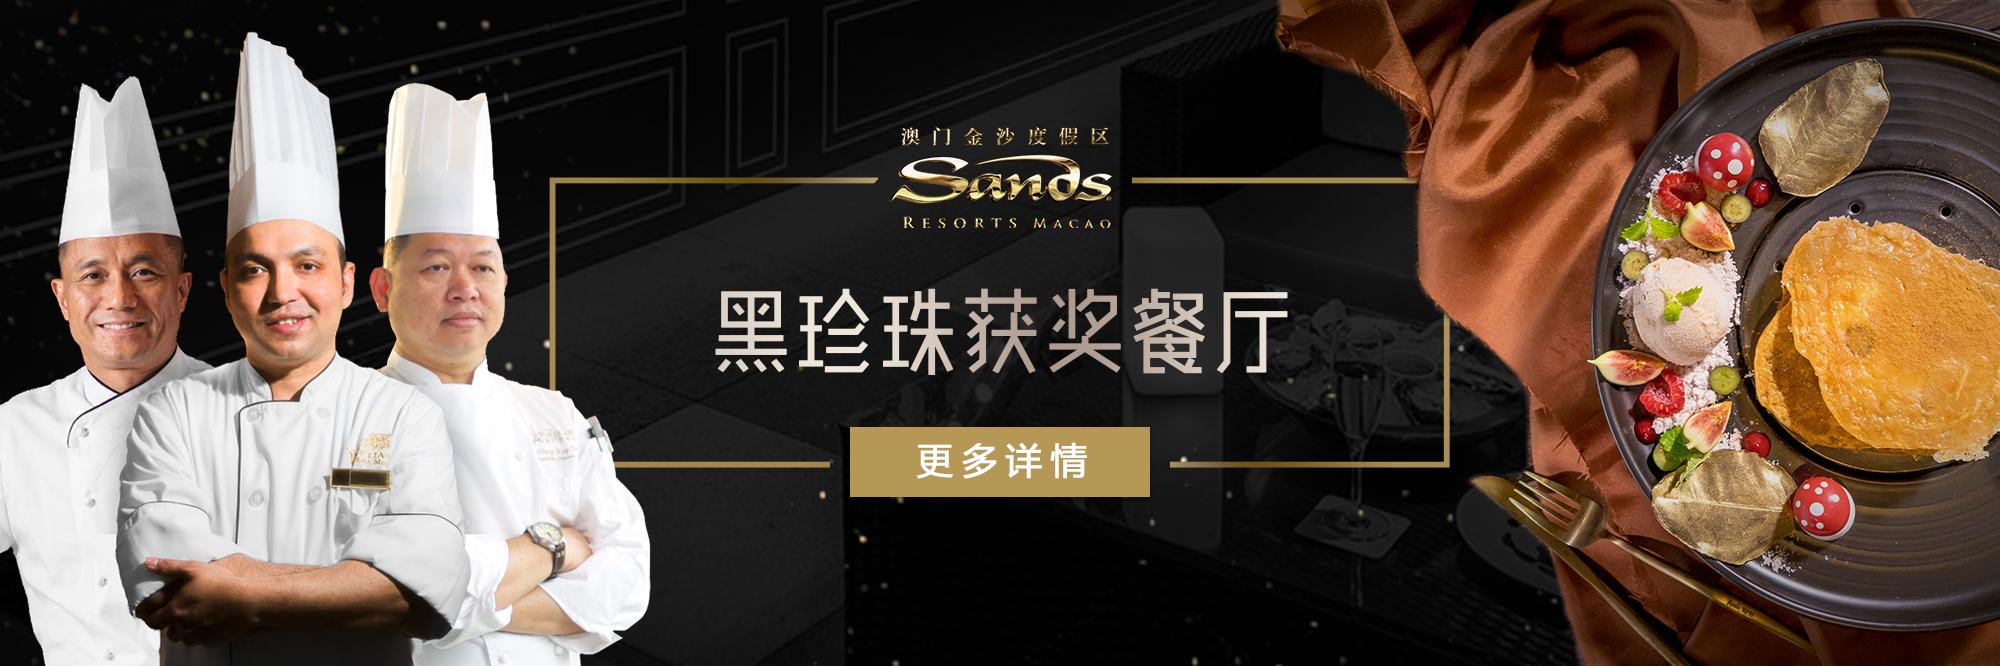 2018大众点评黑珍珠餐厅指南 中国澳门颁奖发布会